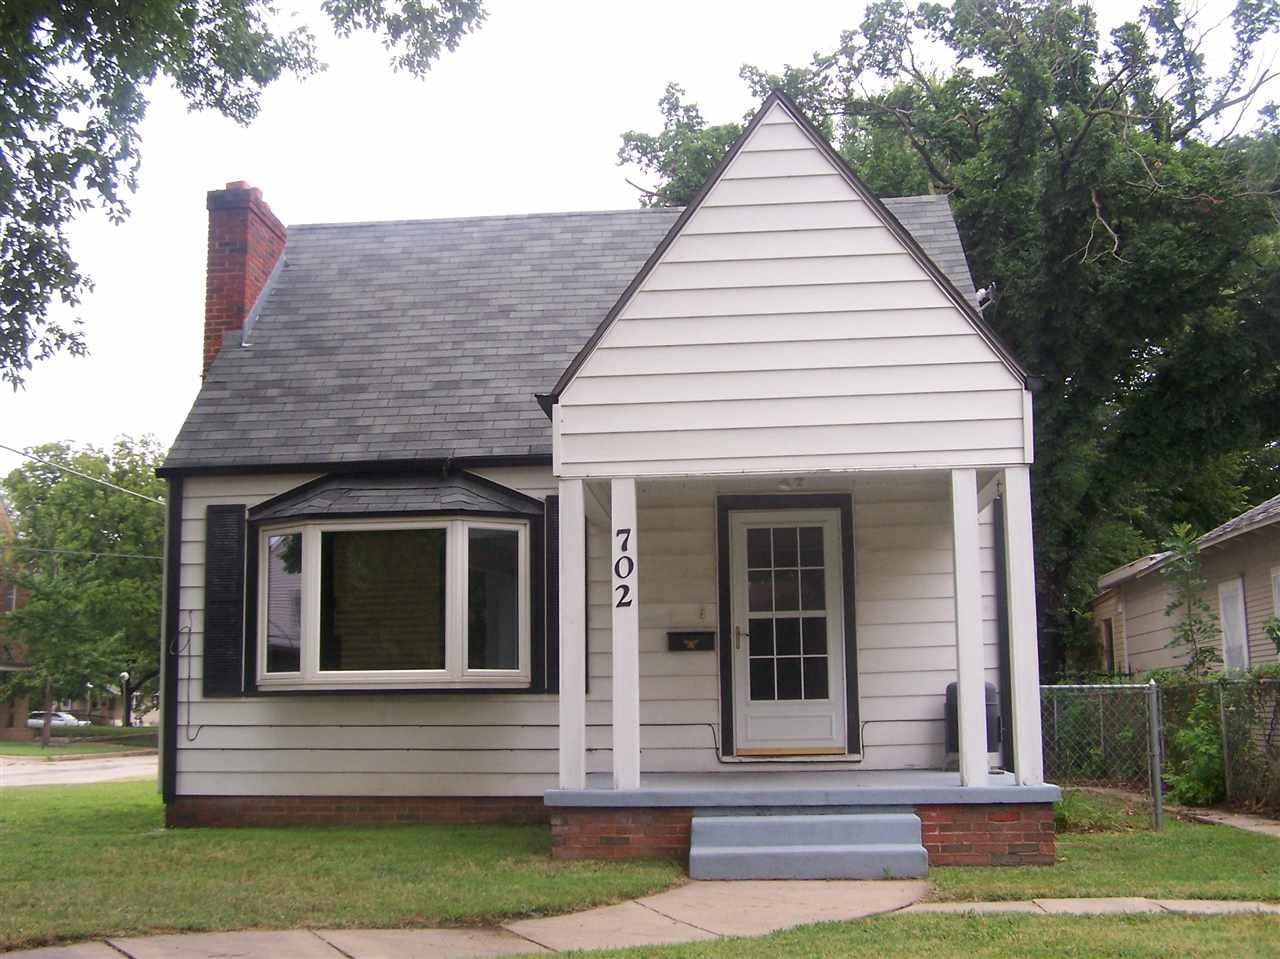 702 S Chautauqua, Wichita, KS 67211